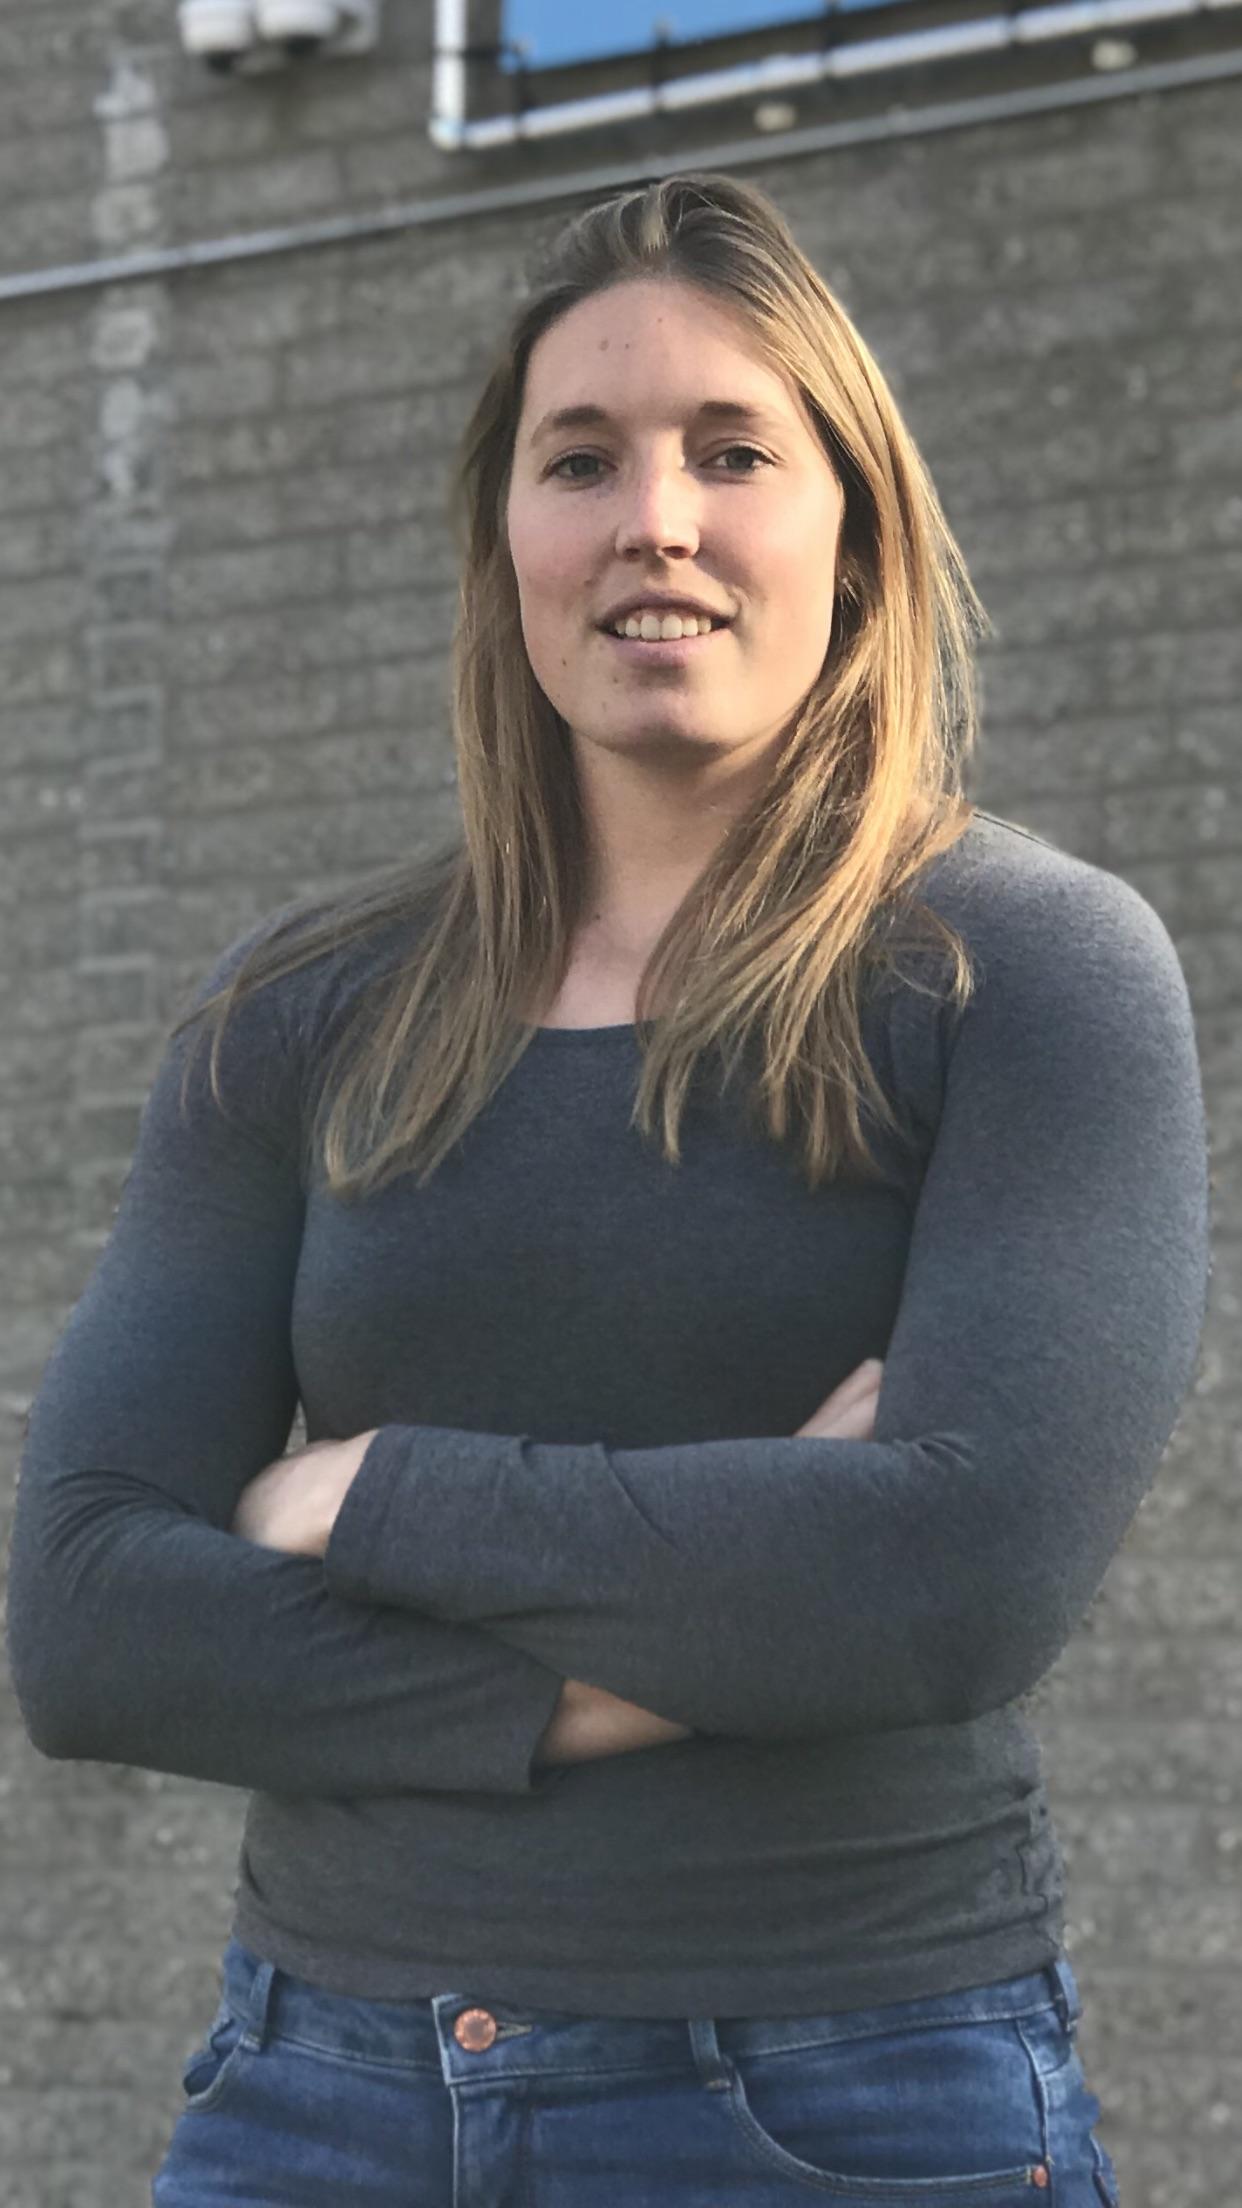 Corinne Nugter